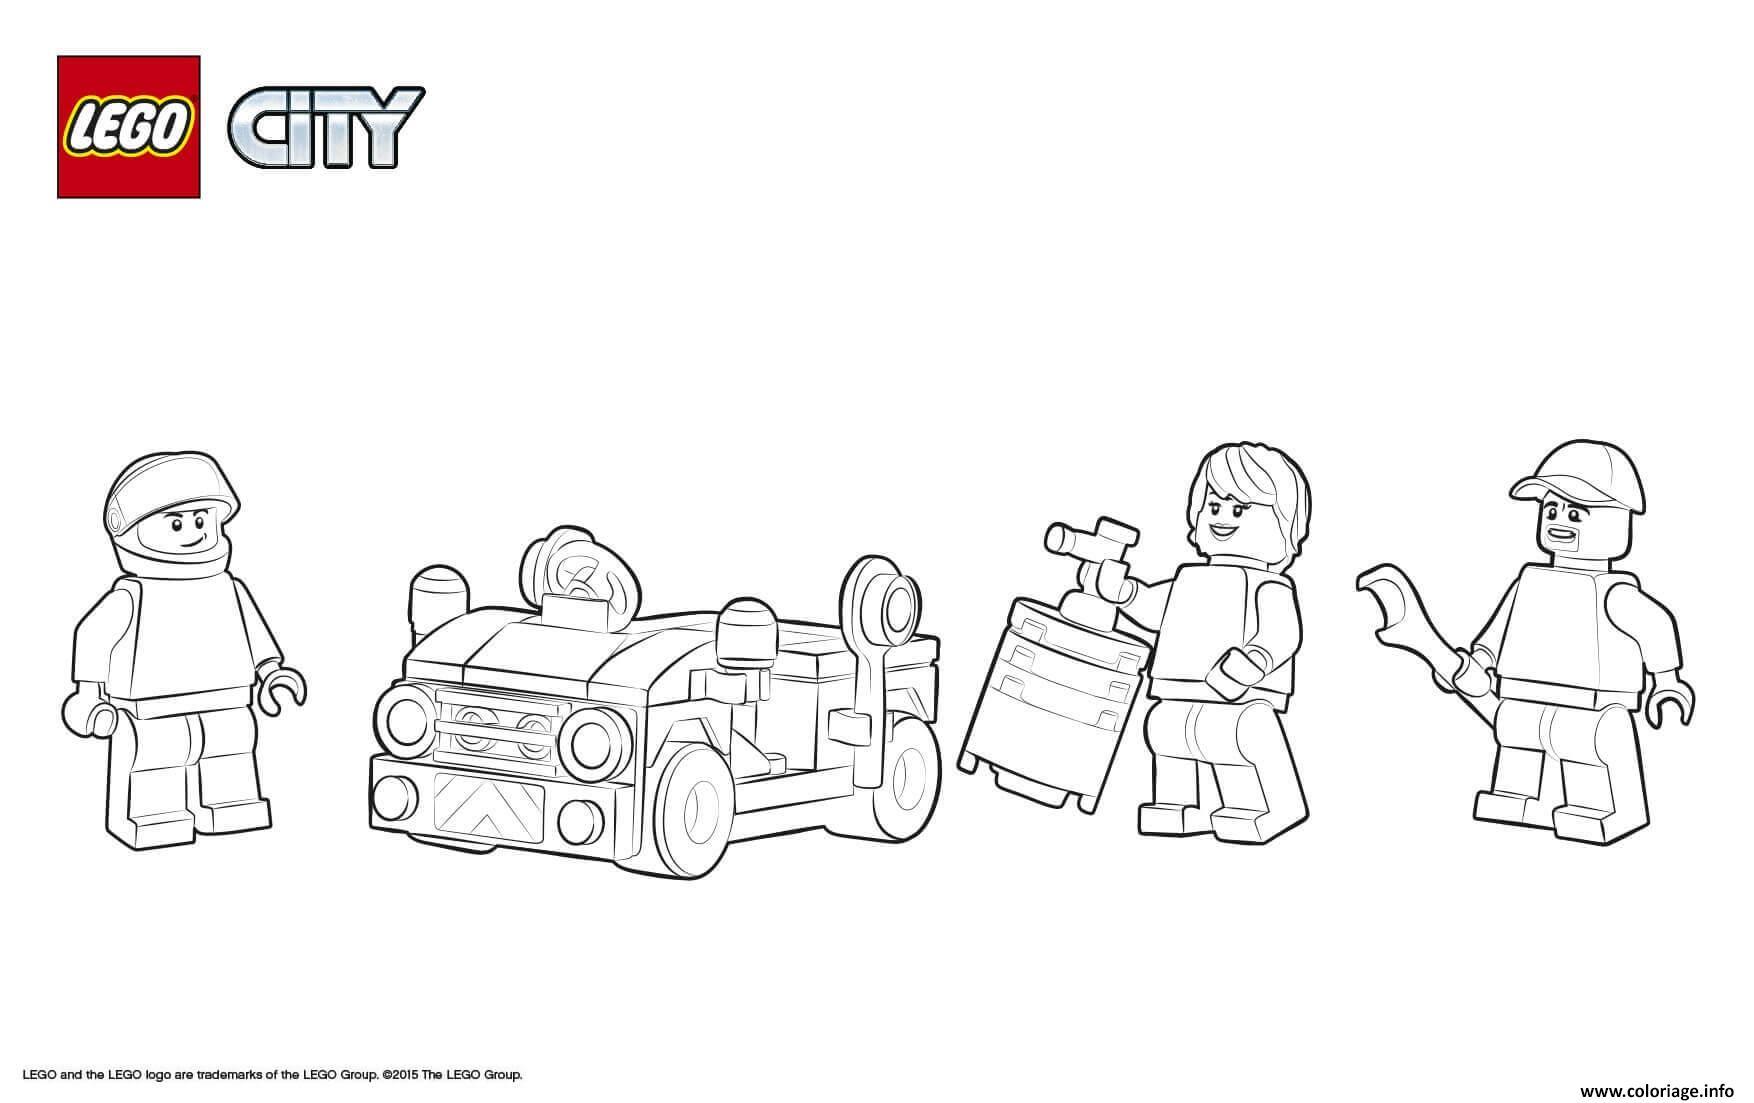 Dessin Lego City Training Jet Transporter Coloriage Gratuit à Imprimer